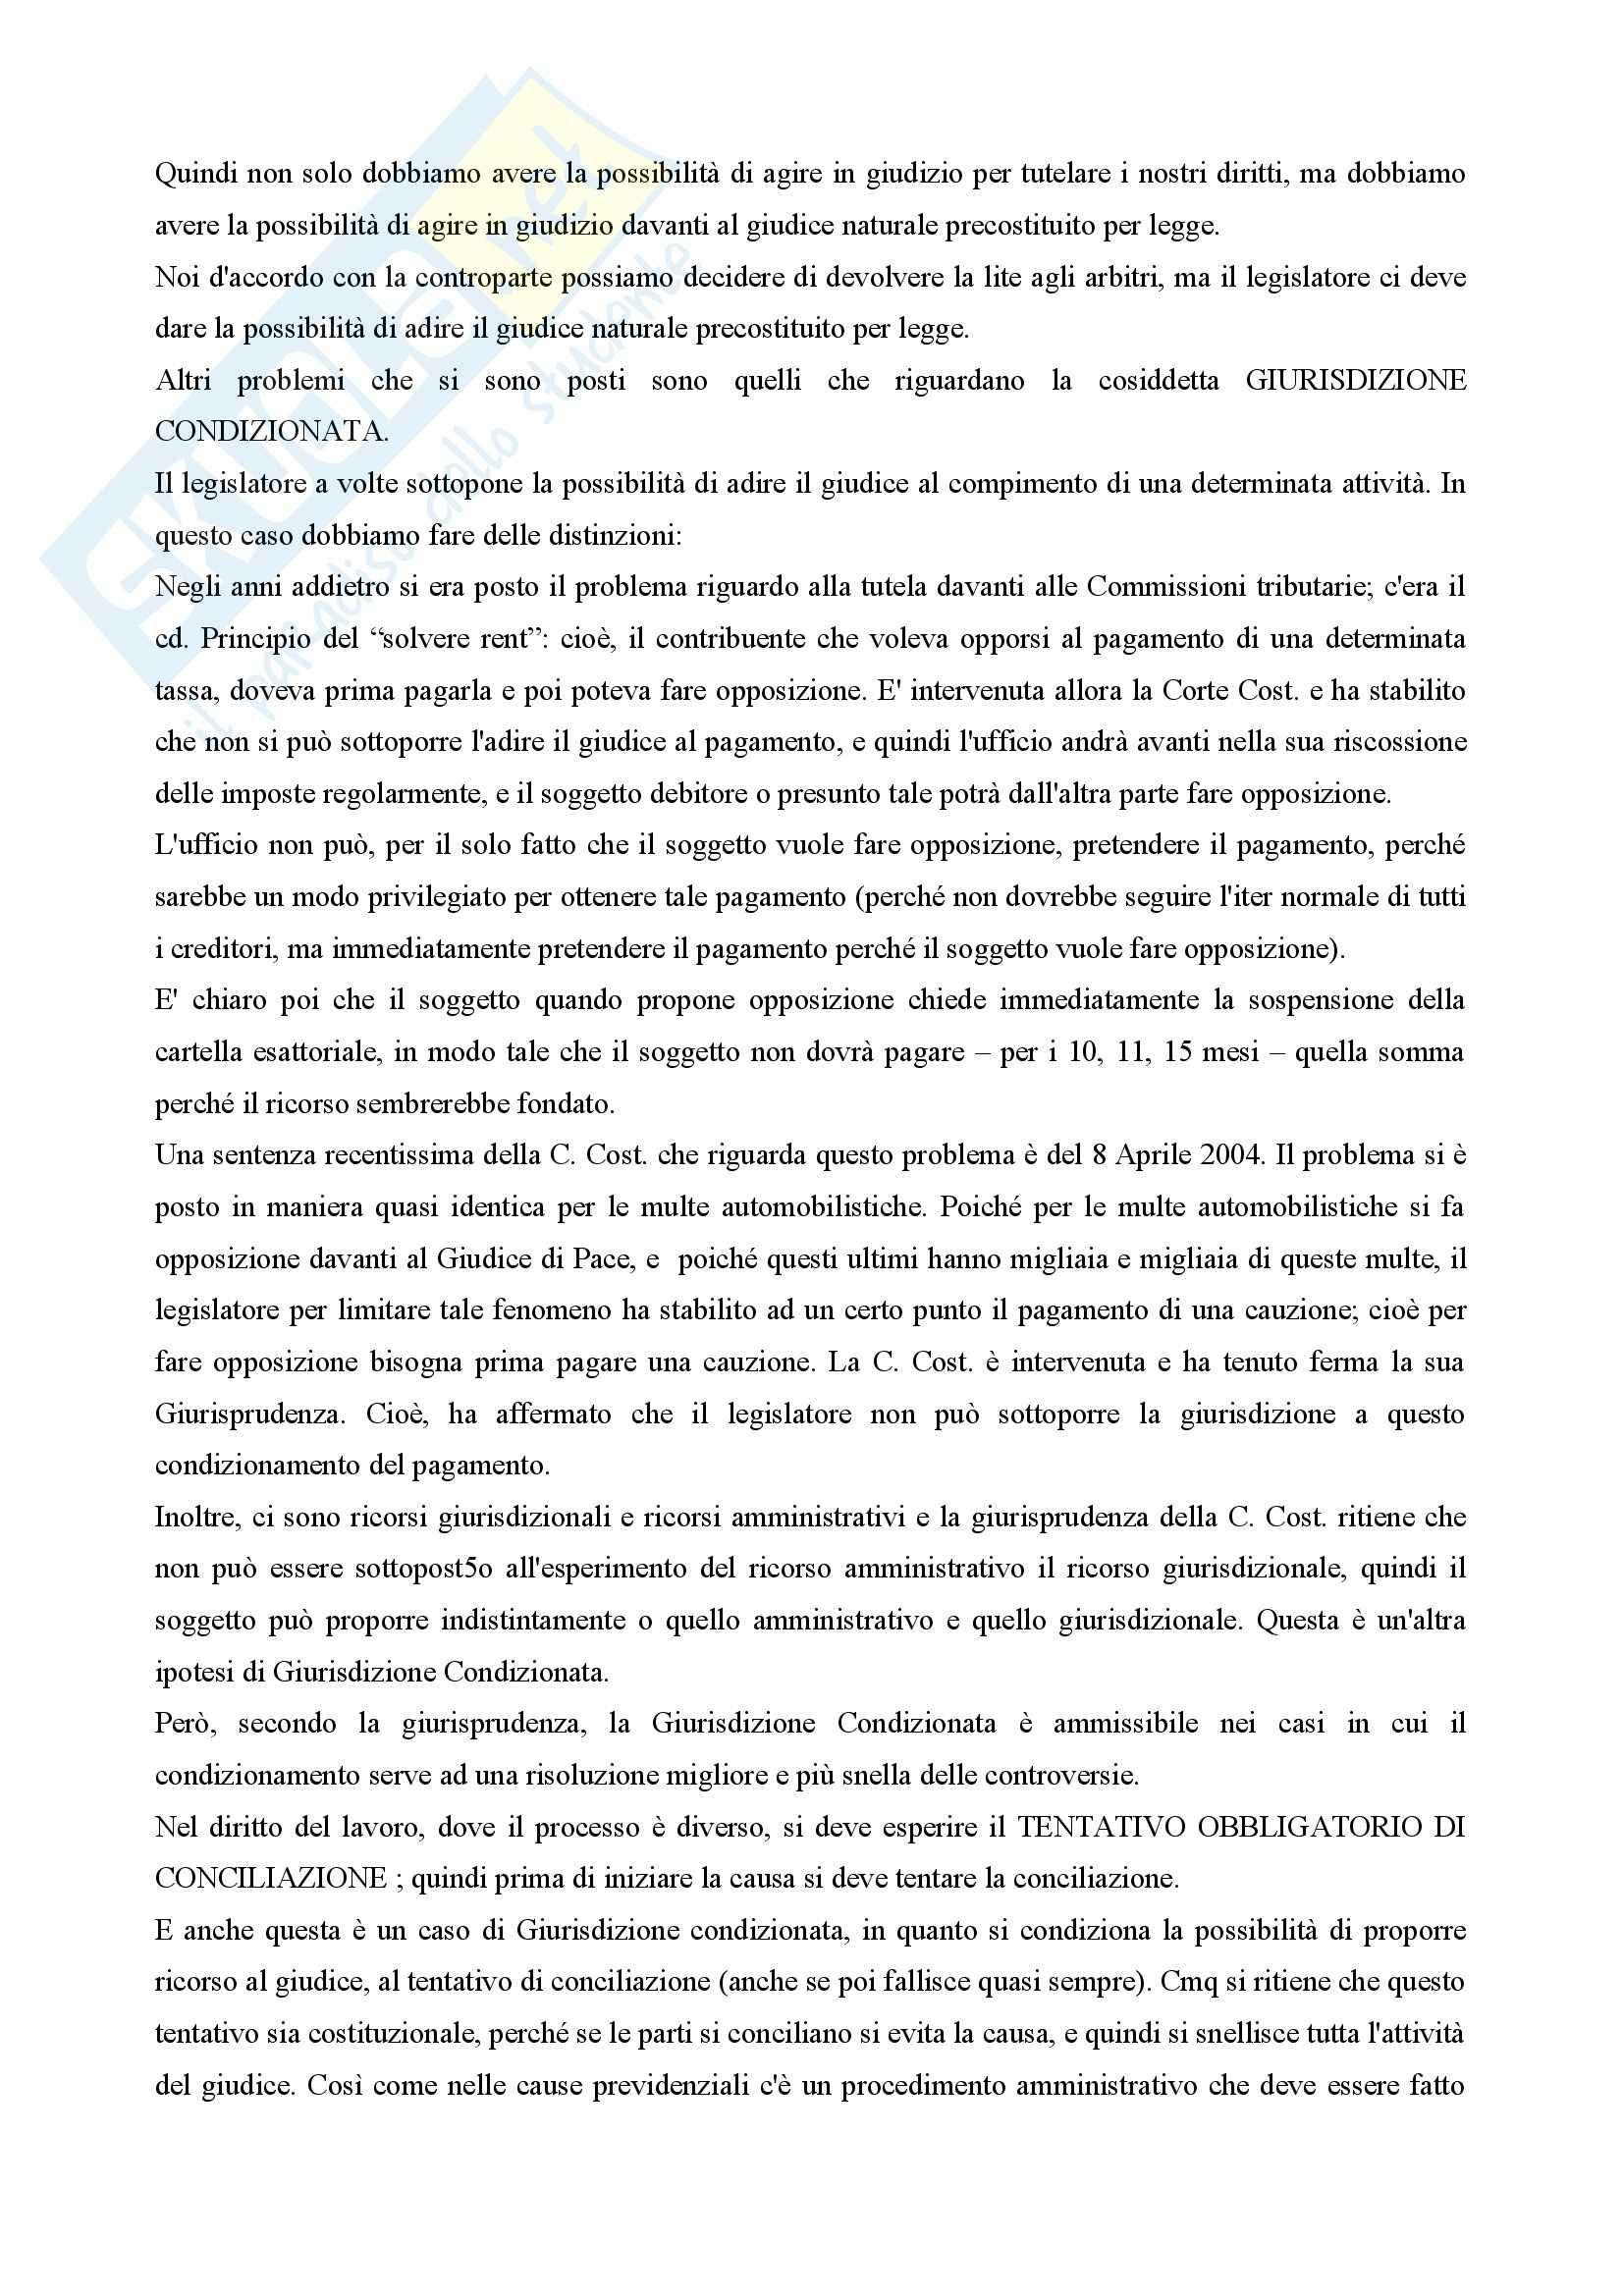 Diritto processuale civile - principi costituzionali nel processo civile Pag. 2